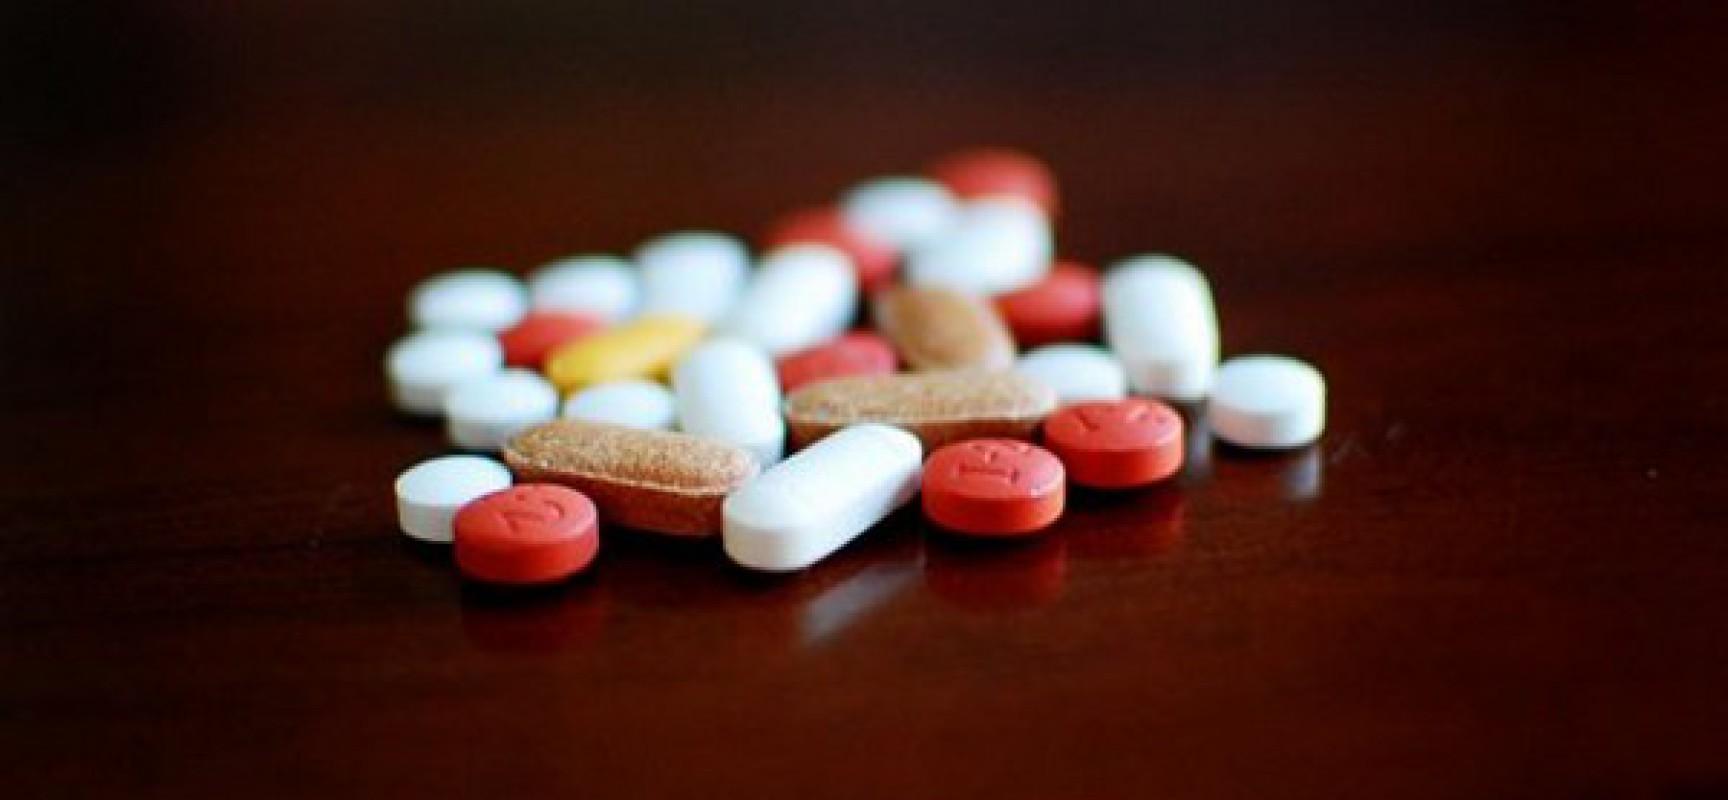 Comment des laboratoires pharmaceutiques rémunèrent des médecins pour des études scientifiquement contestées